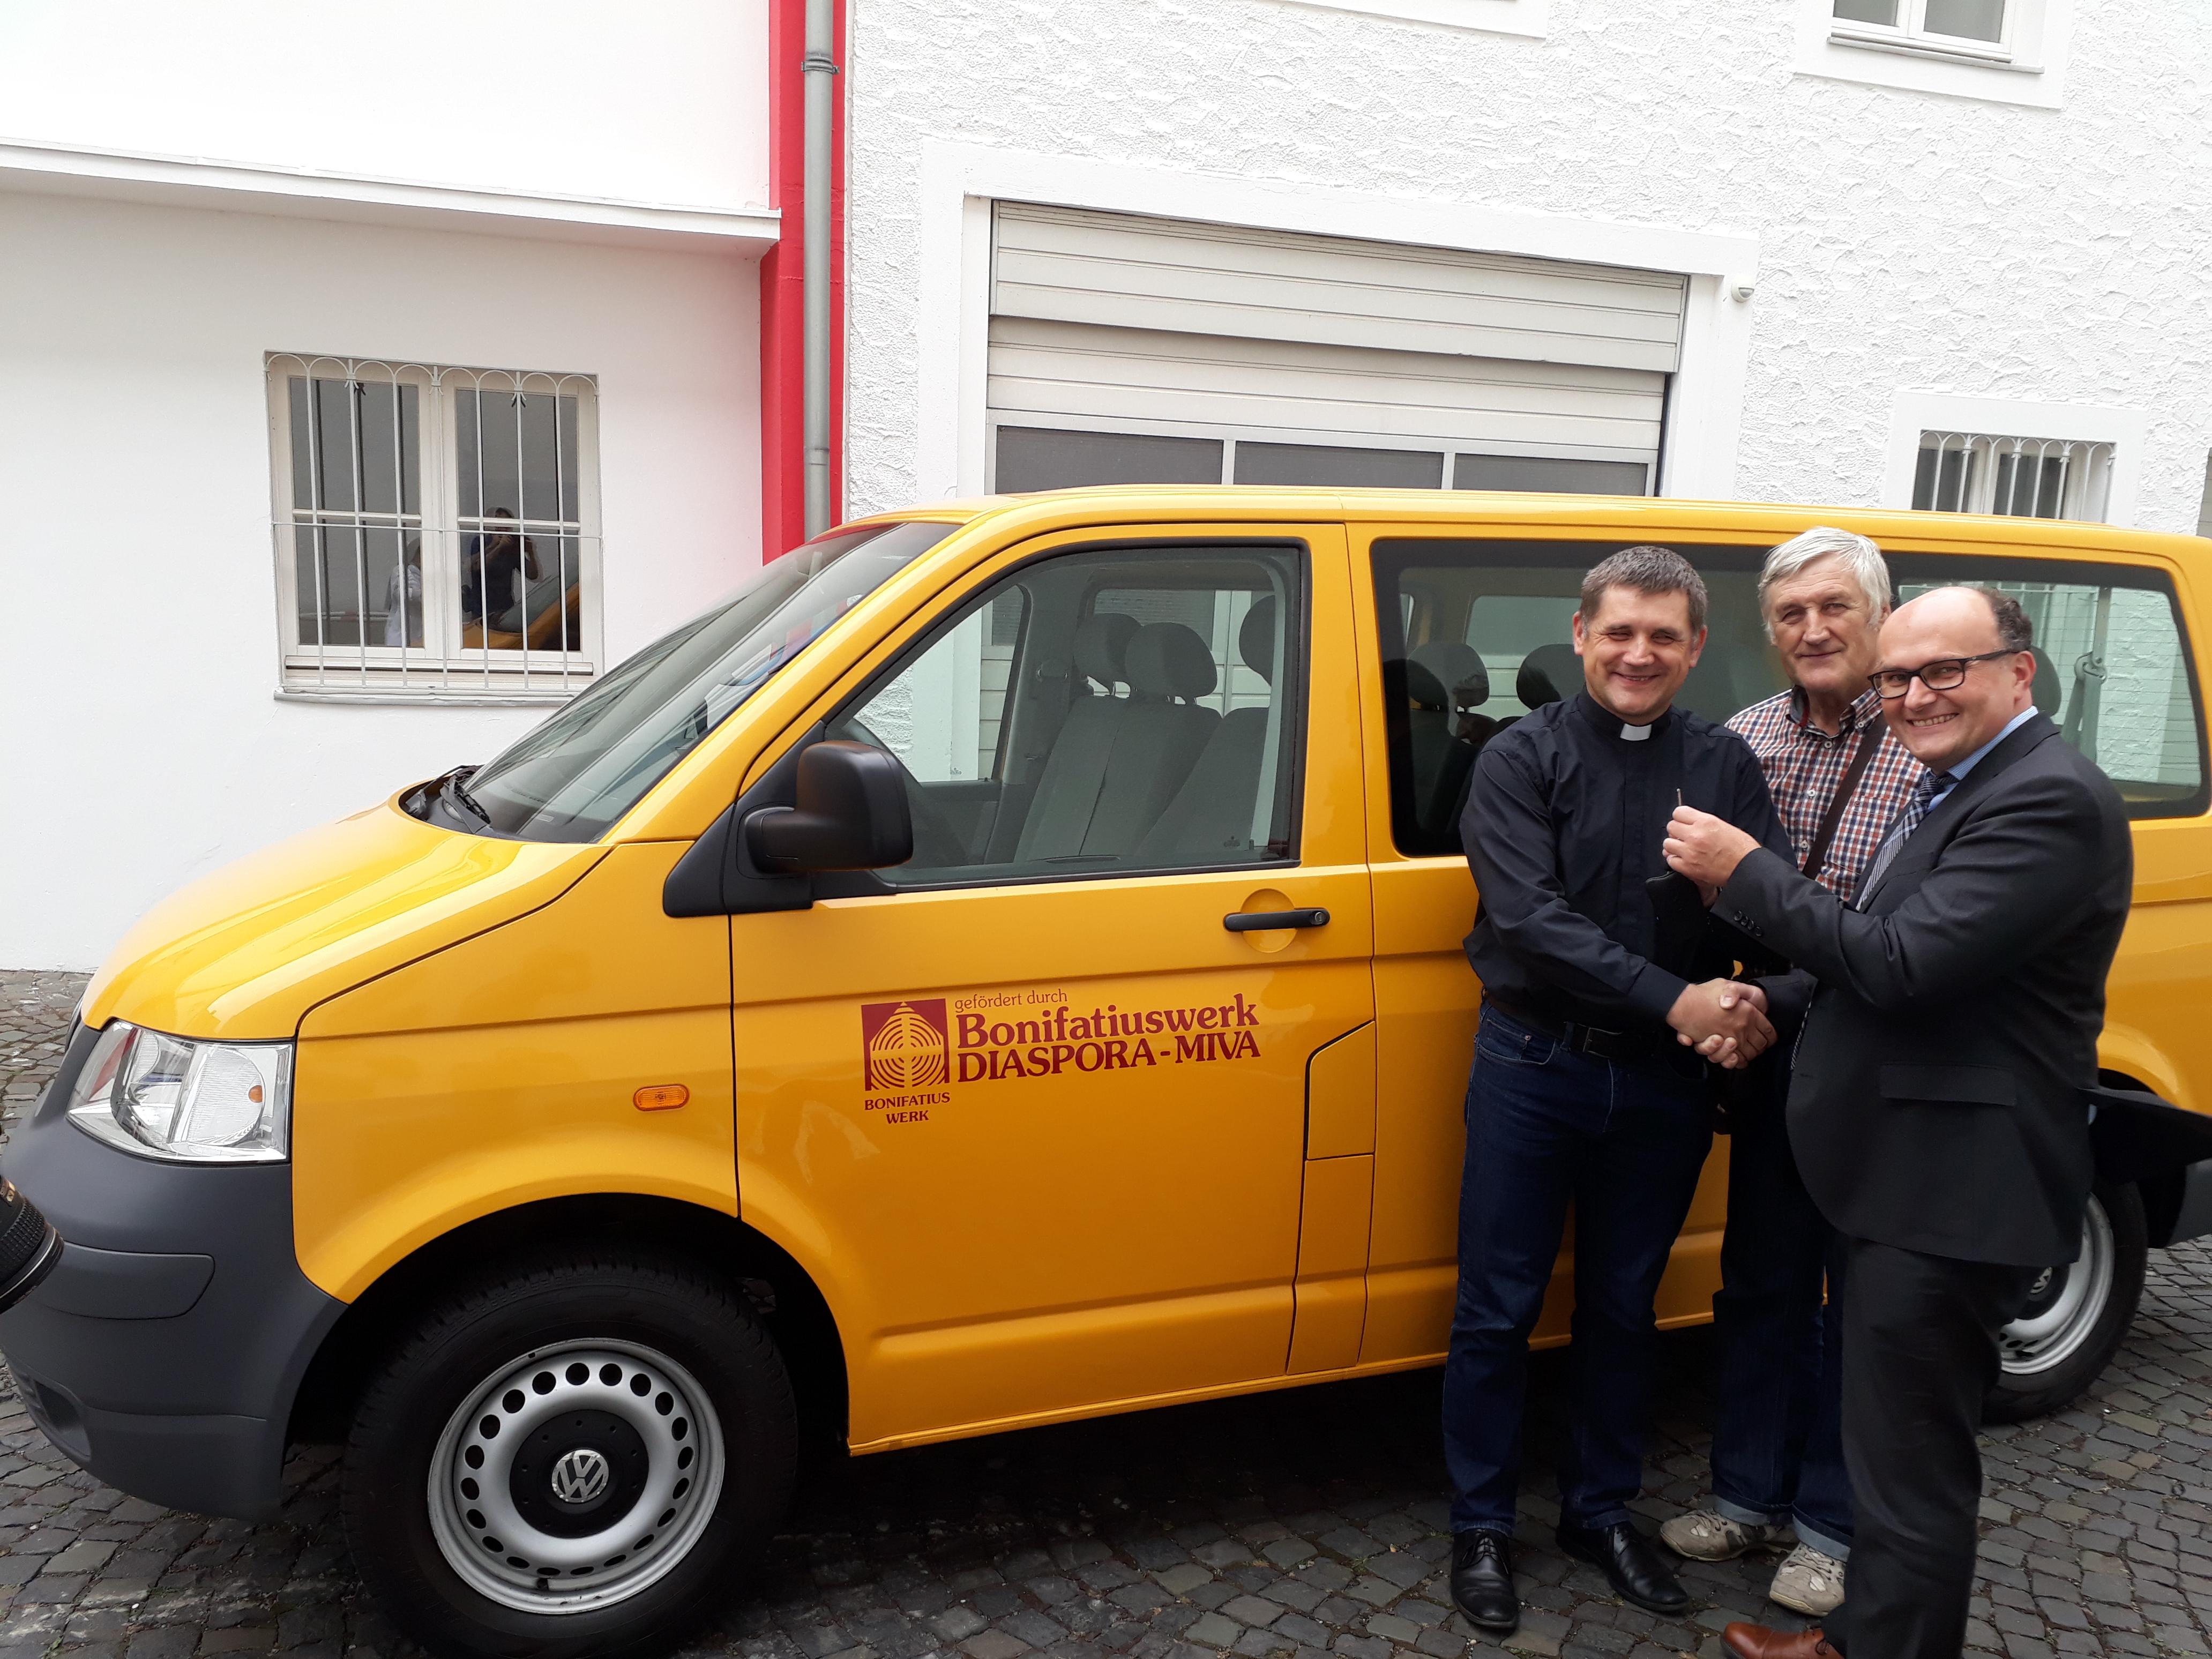 Rīgas Kristus Karaļa draudze sagaidījusi Bonifatius Werk dāvināto mikroautobusu